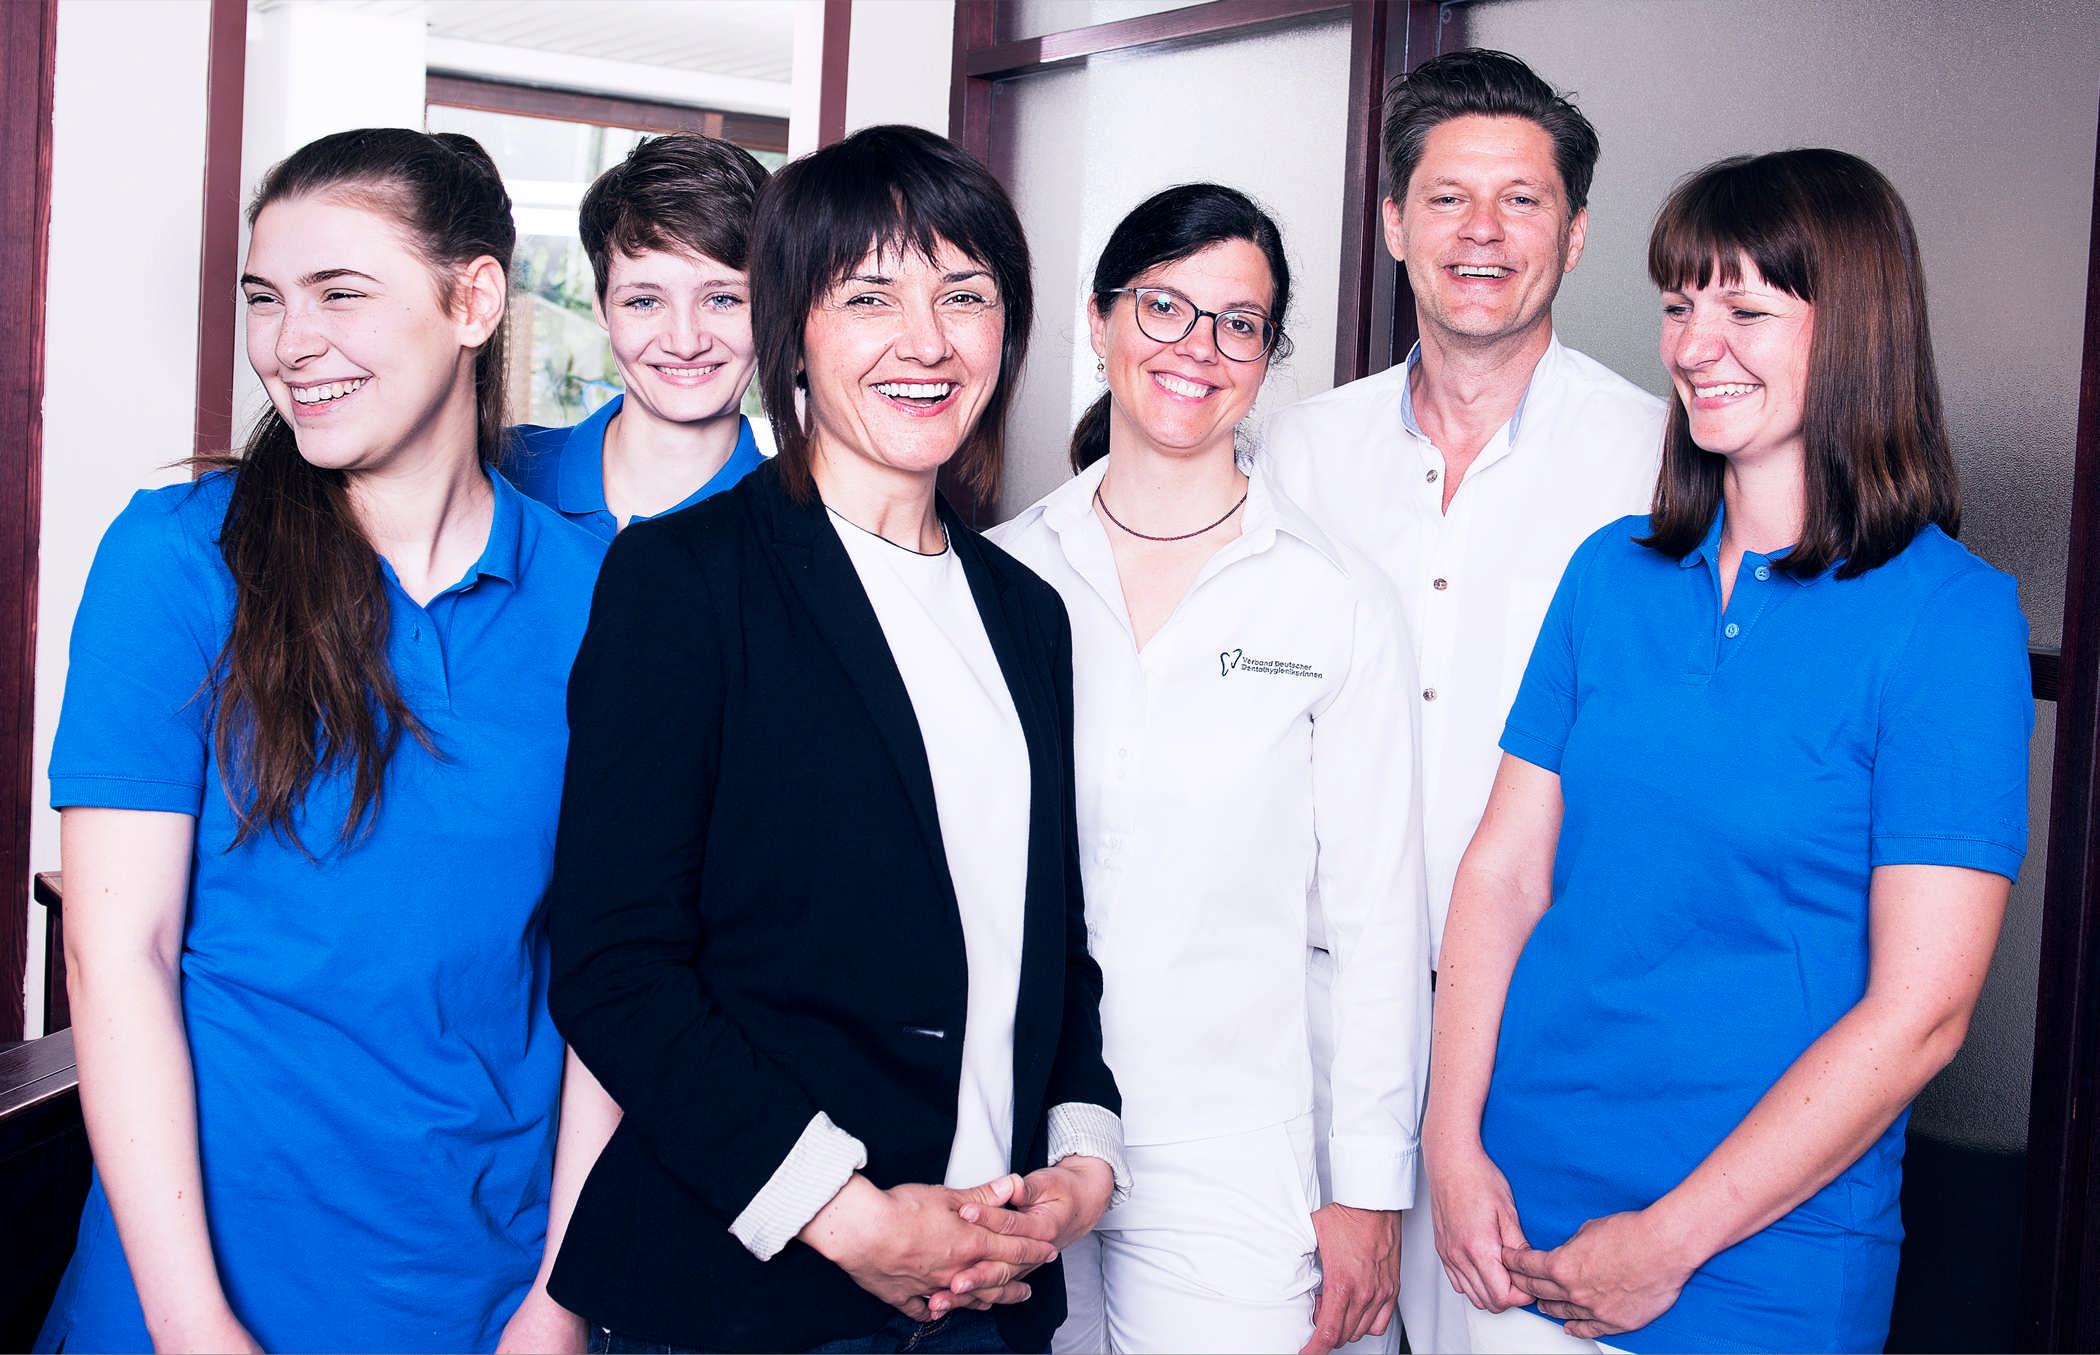 Bild vom Praxisteam der Zahnarztpraxis Uwe Brongkoll in München Haidhausen, Uwe Brongkoll 2ter von rechts